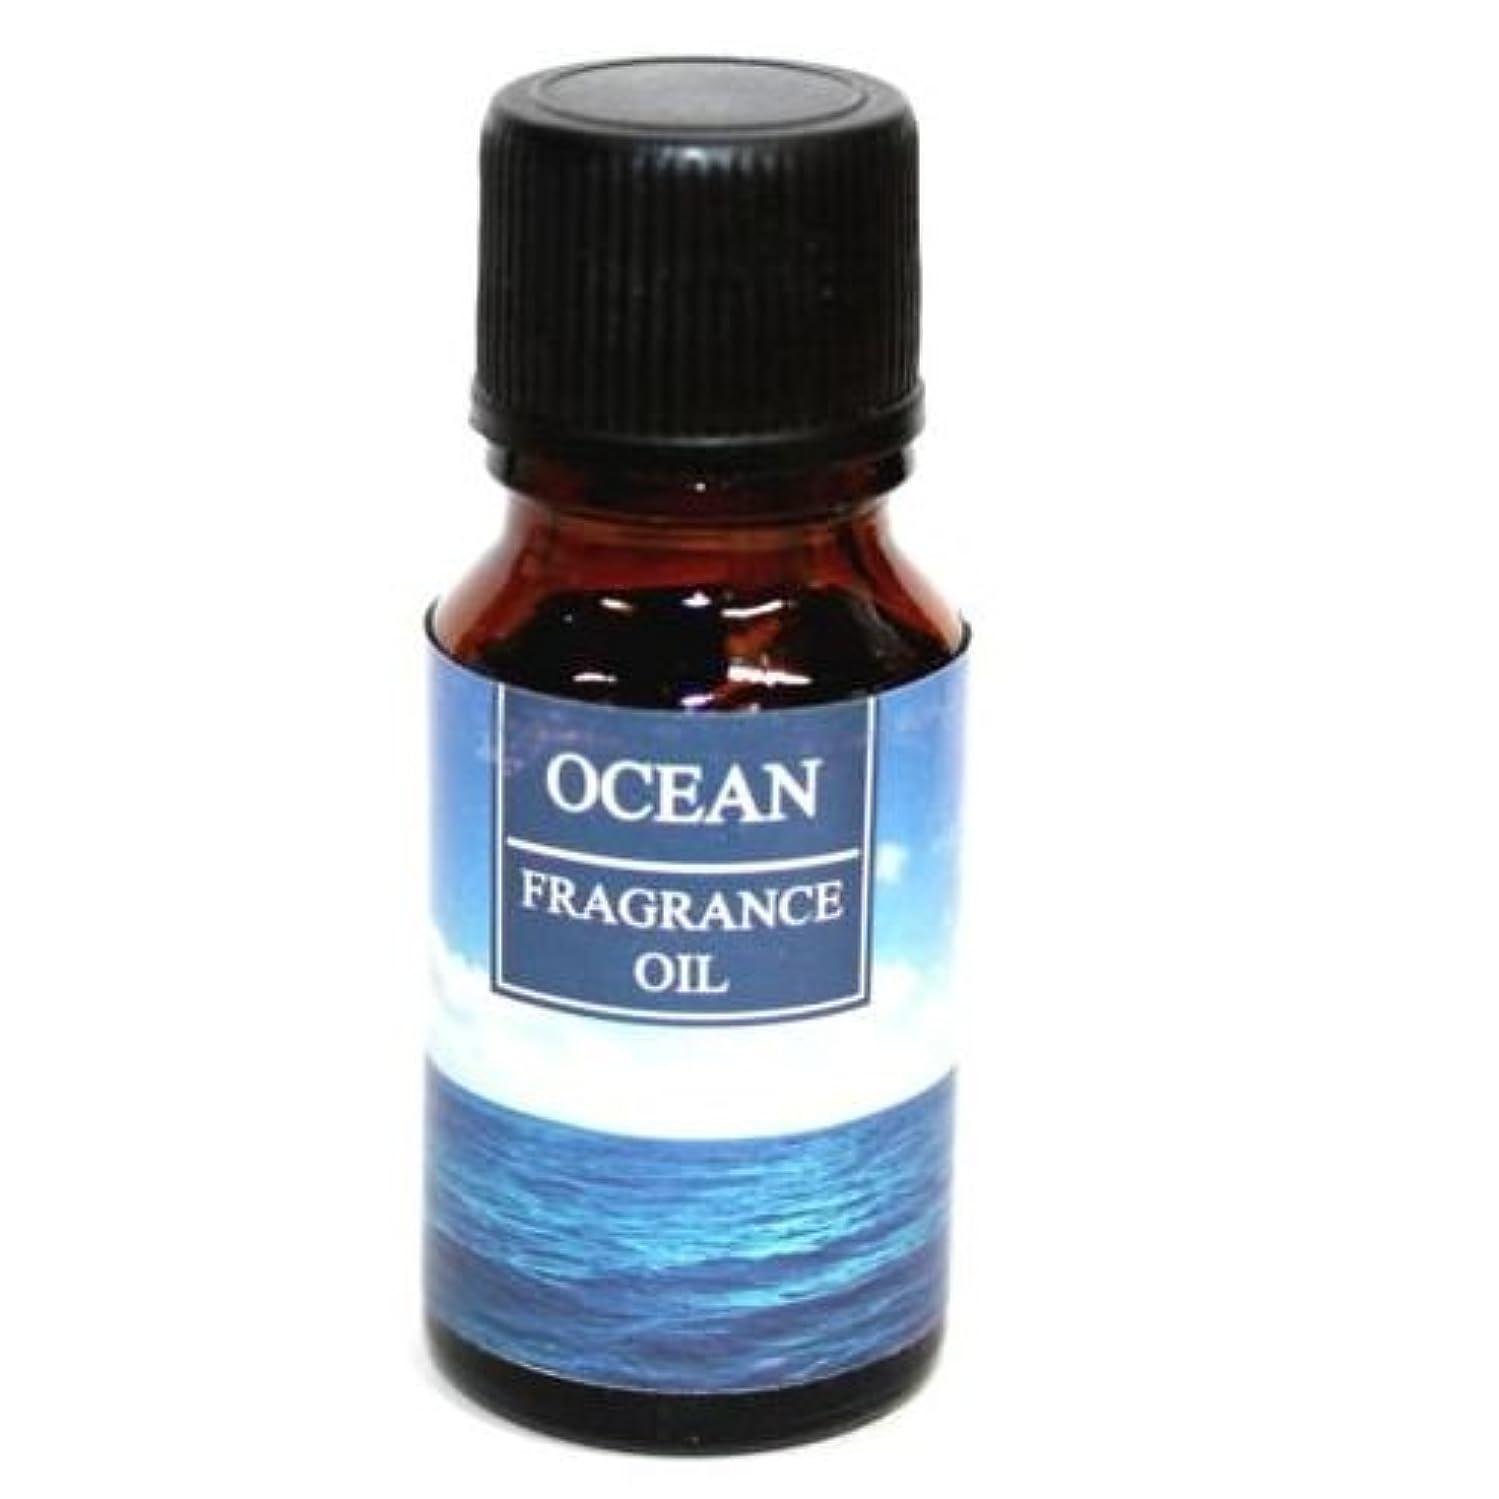 相手感嘆符日焼けRELAXING アロマオイル AROMA OIL フレグランスオイル OCEAN 海の香り RQ-10